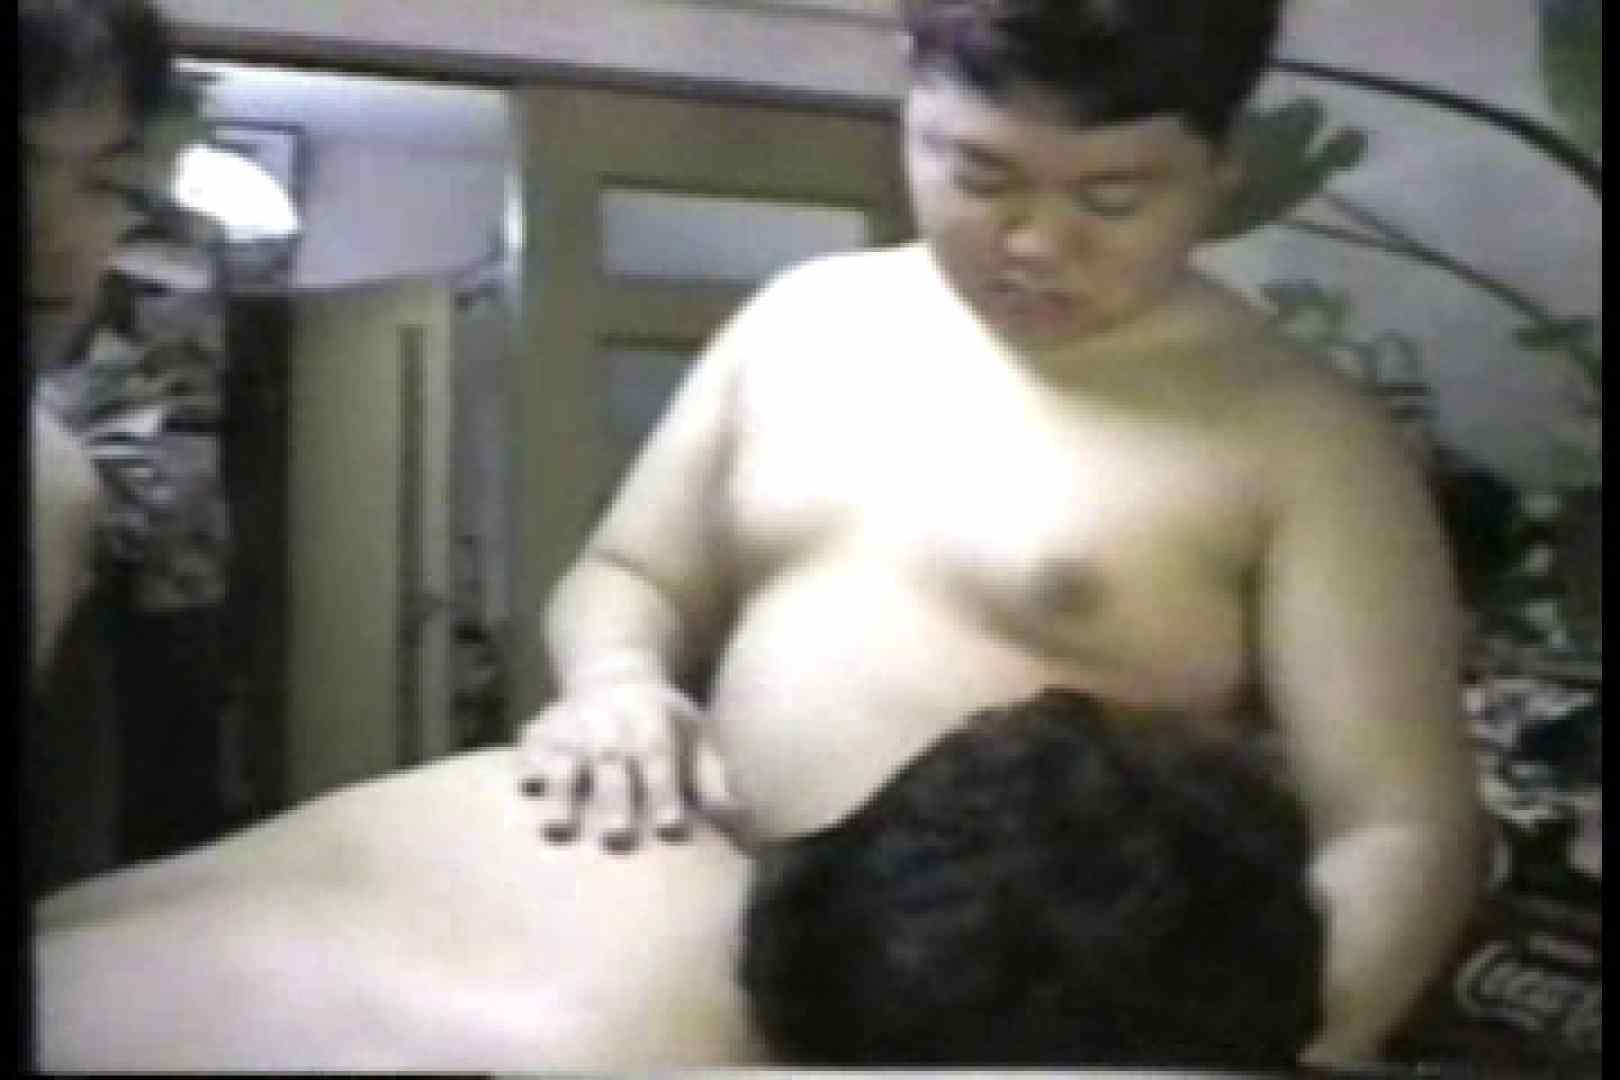 太った男じゃダメですか?15 男パラダイス ちんこ画像 14画像 2